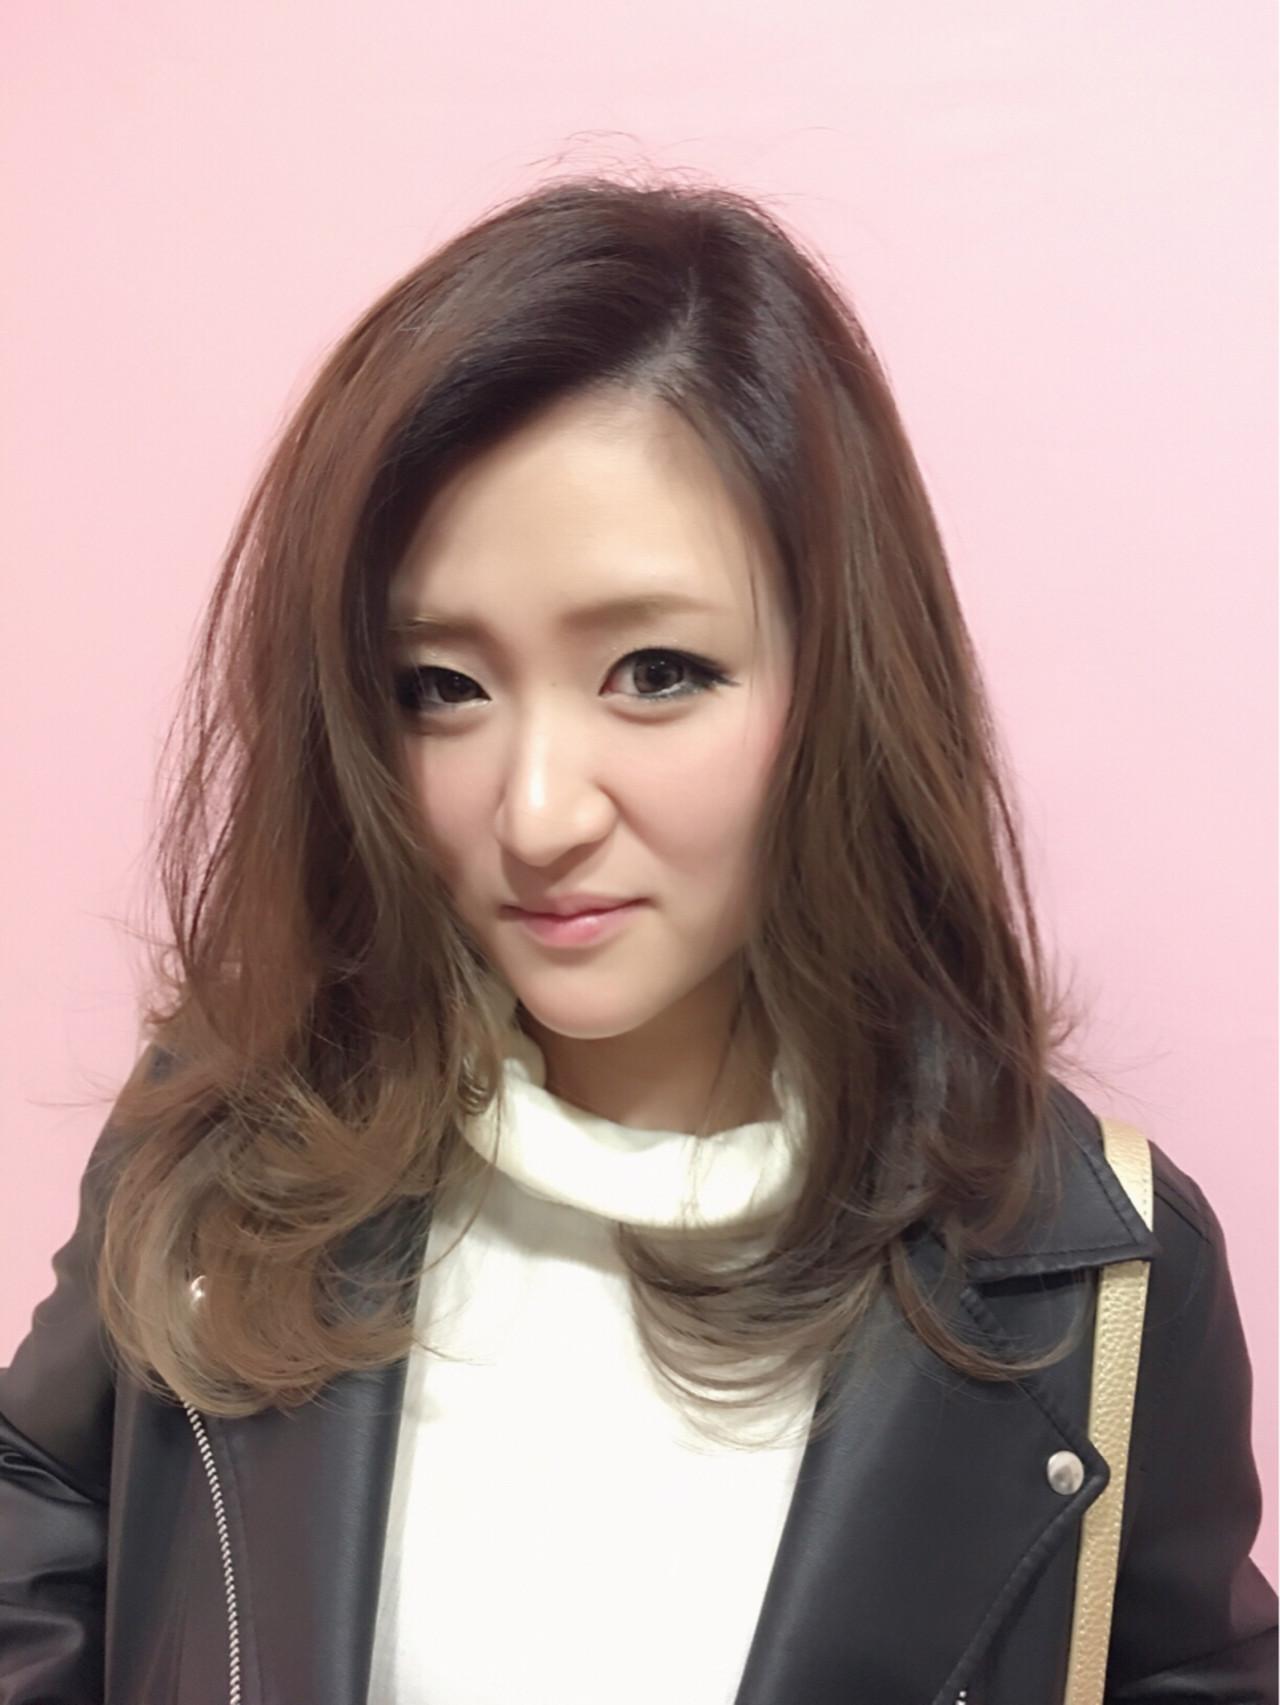 パーマ ストリート ゆるふわ 大人女子 ヘアスタイルや髪型の写真・画像 | ヤギリュータロー / hair c'est la vie ヘアーセラヴィー